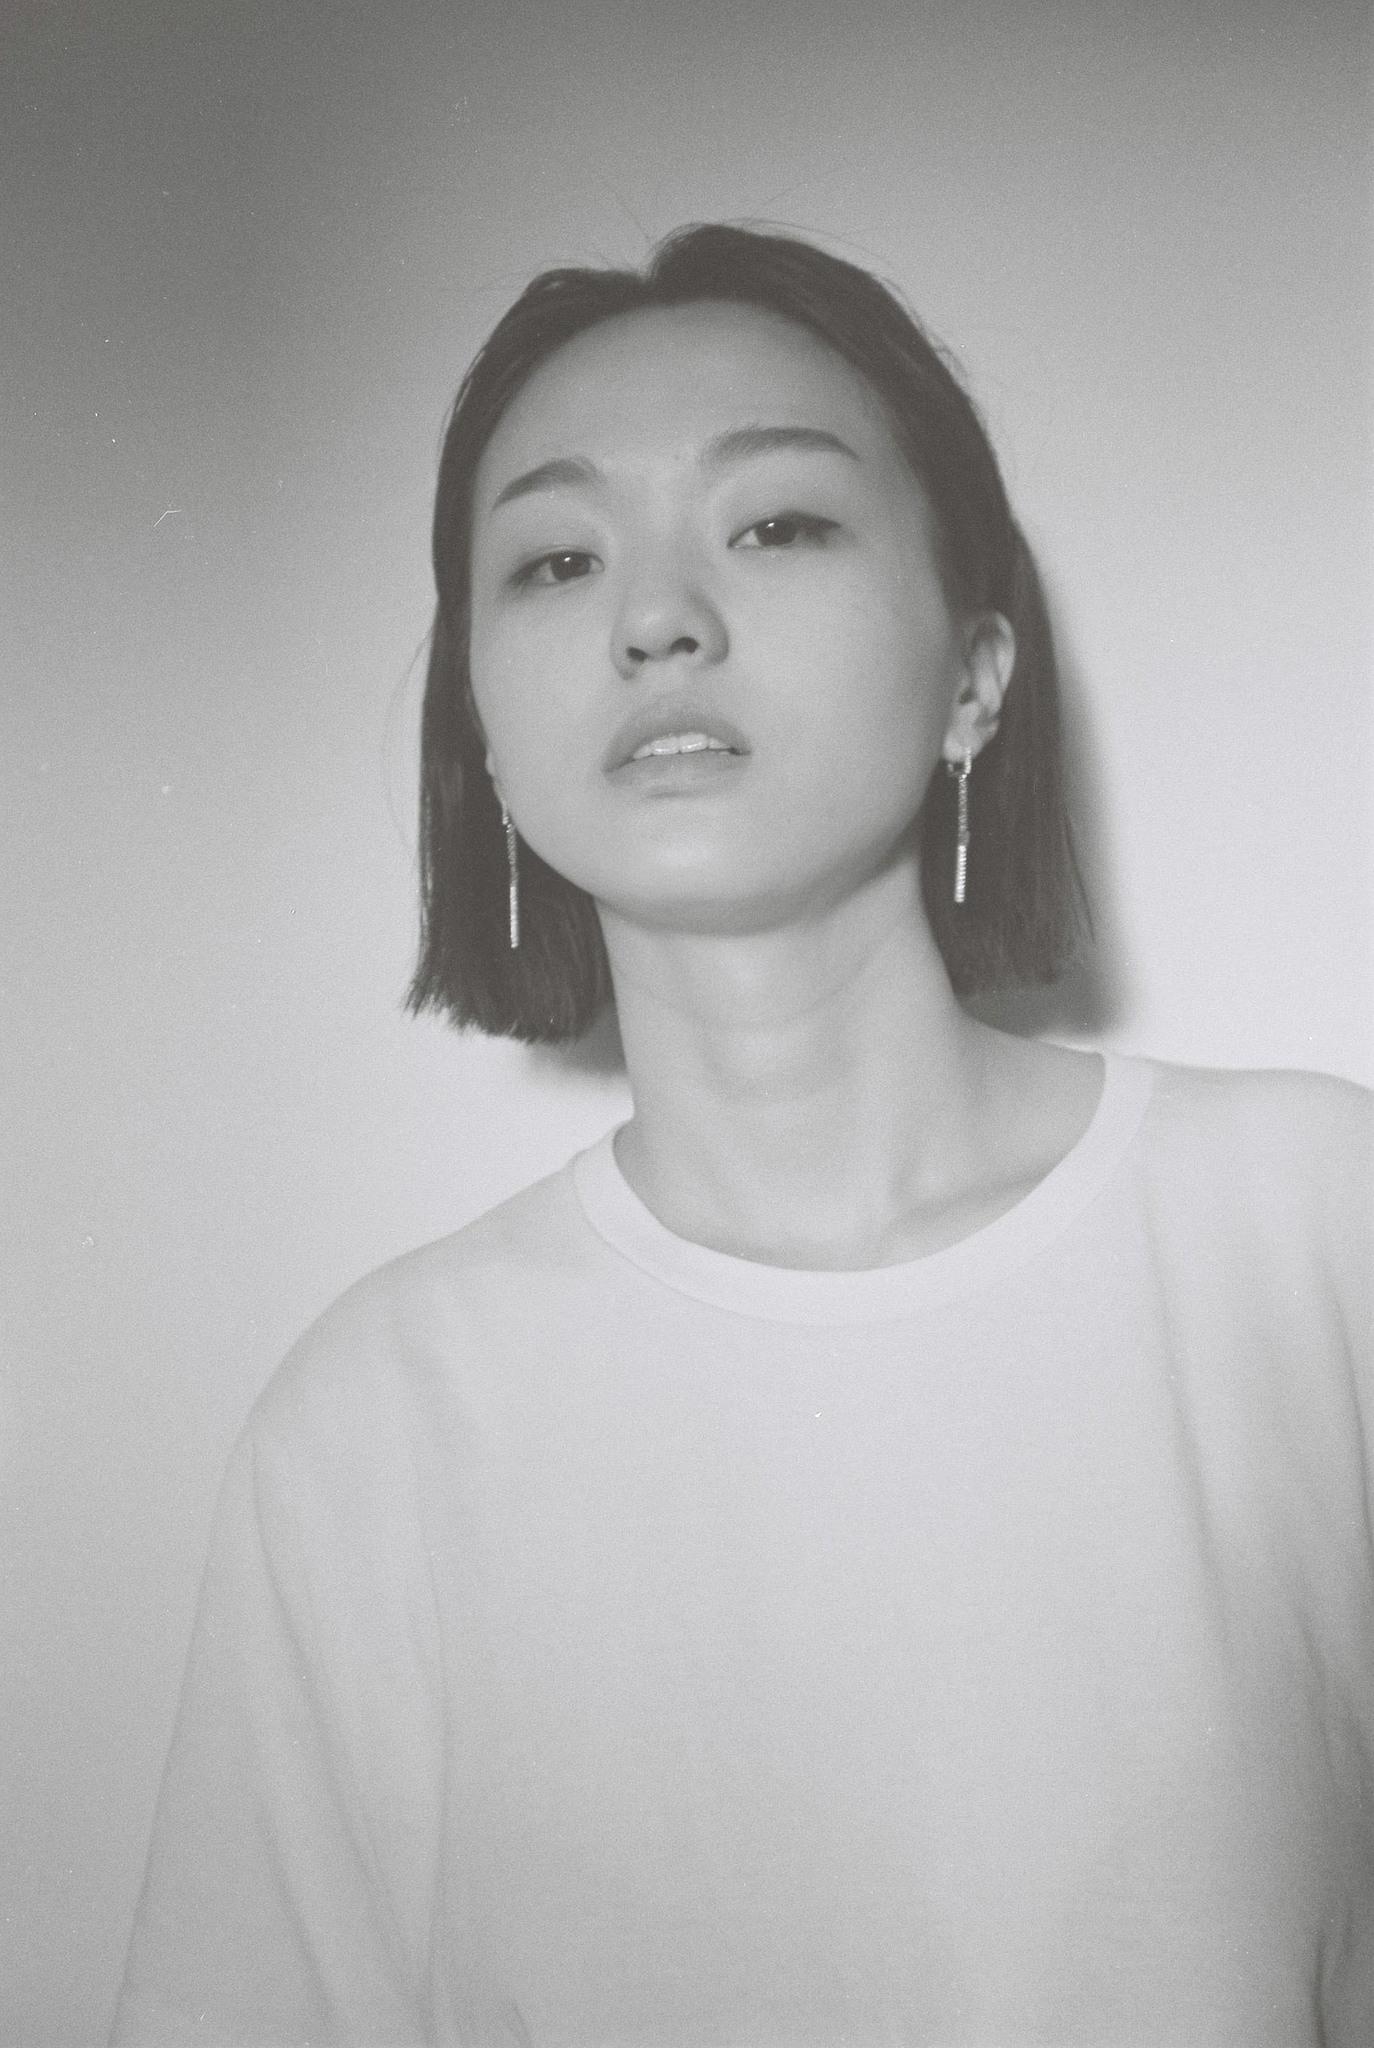 박혜진 park hye jin - Full Size Portrait.jpg